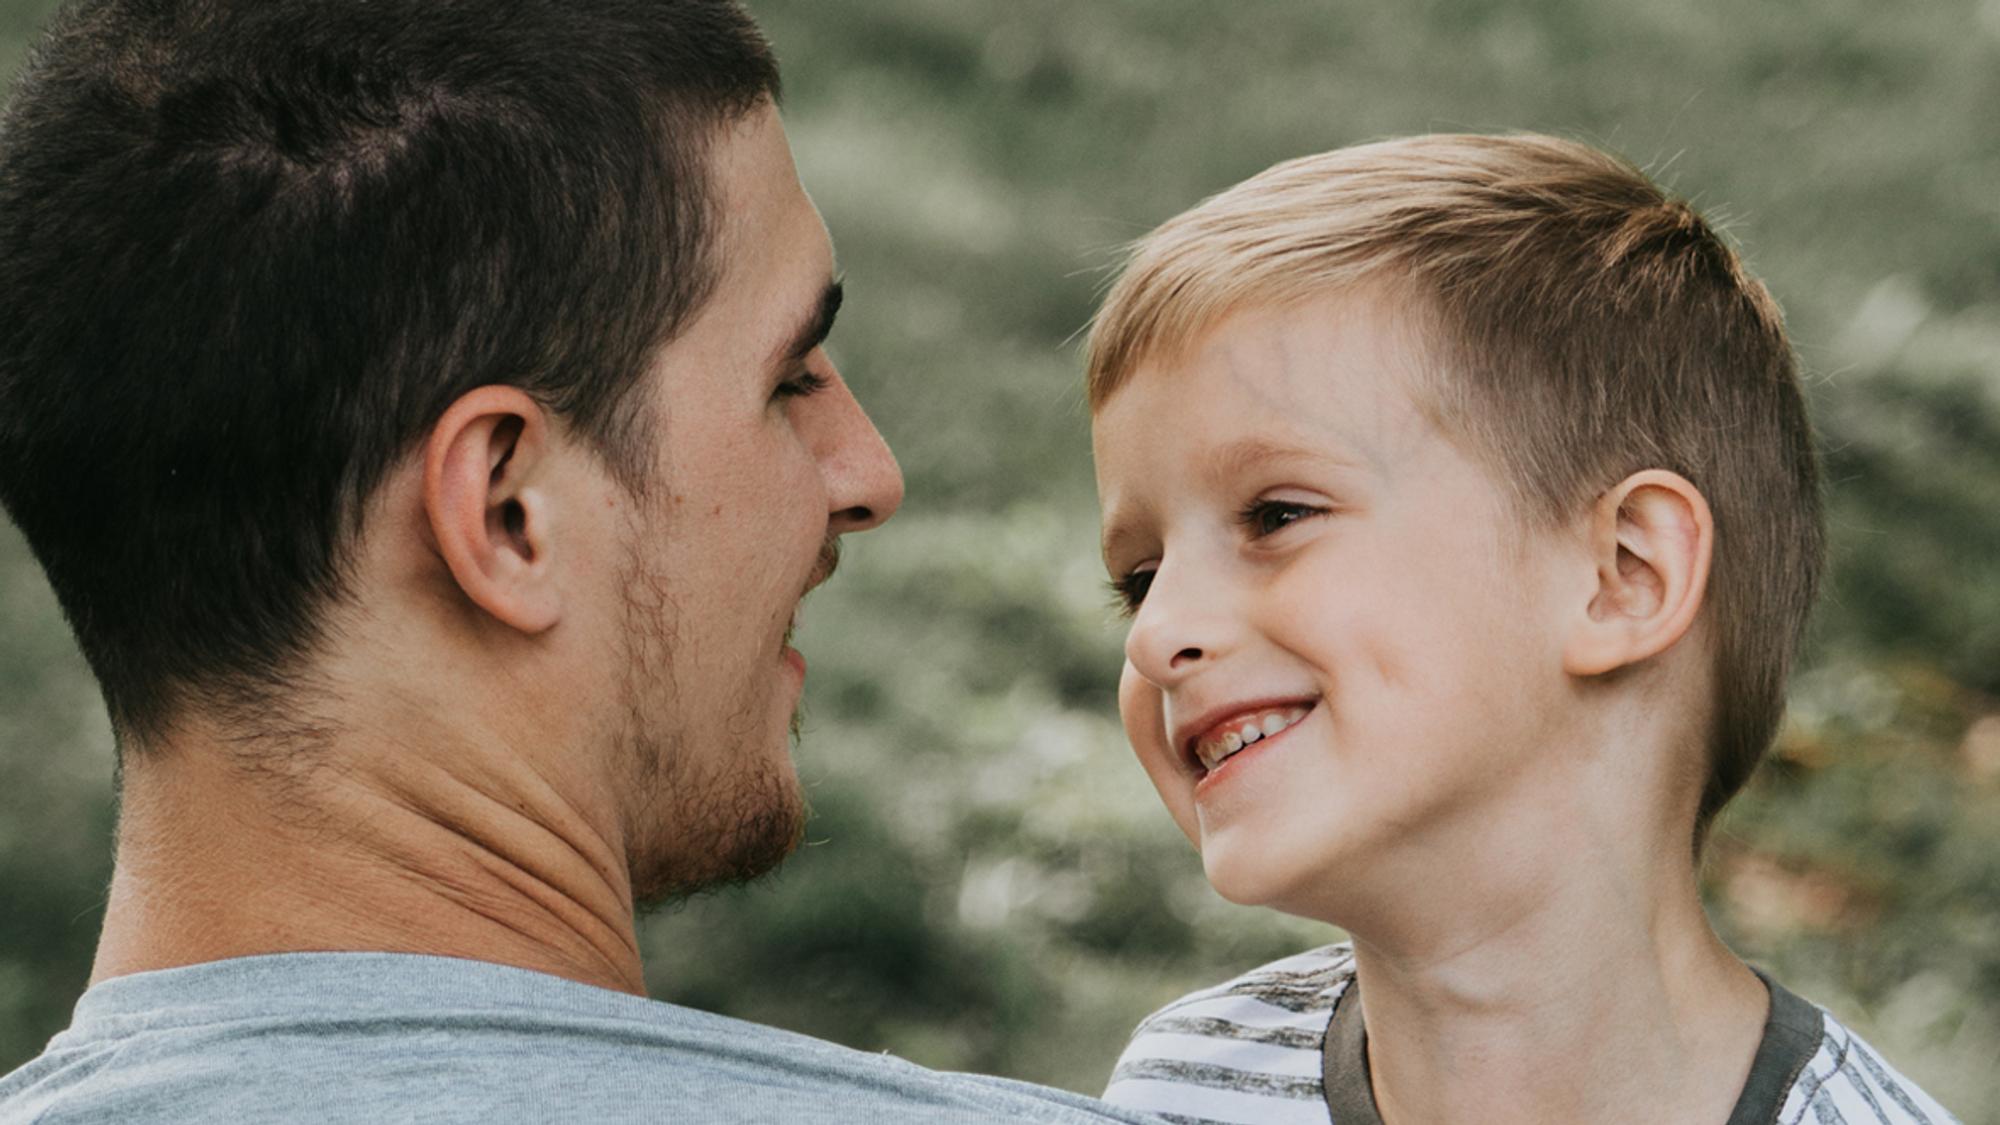 Ganz die Mama oder doch eher der Papa? Unser Autor sagt: Ist doch völlig egal!